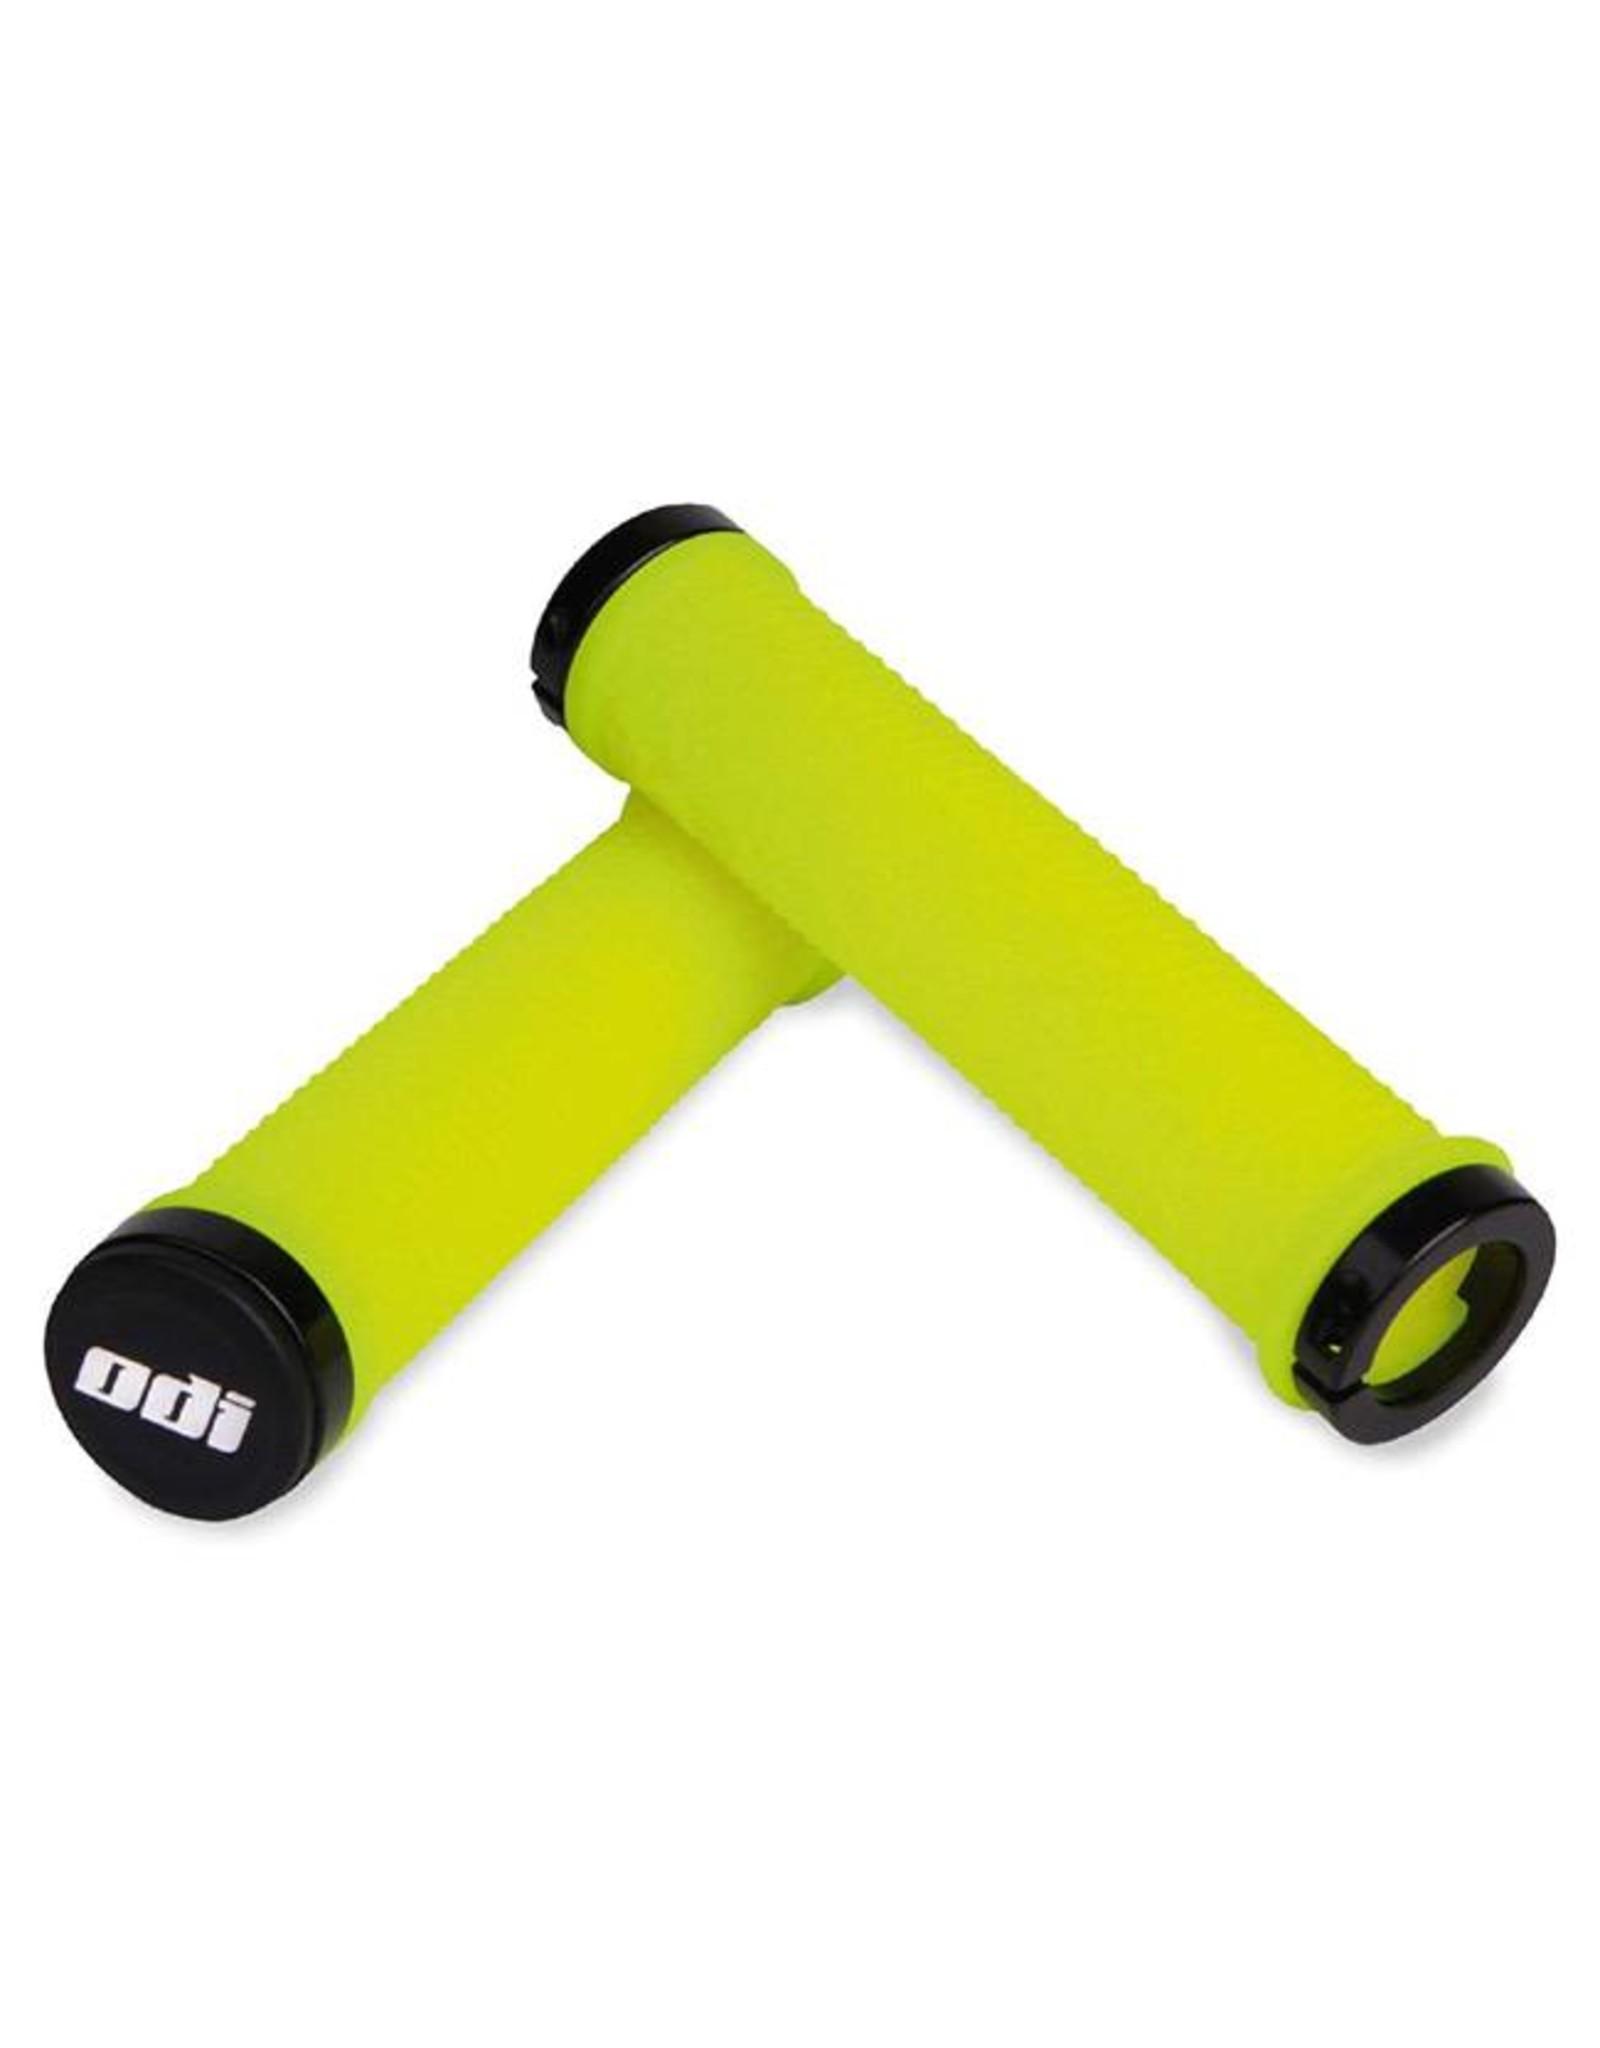 ODI ODI The Machine Lock-On Grips Yellow w/Black Clamps